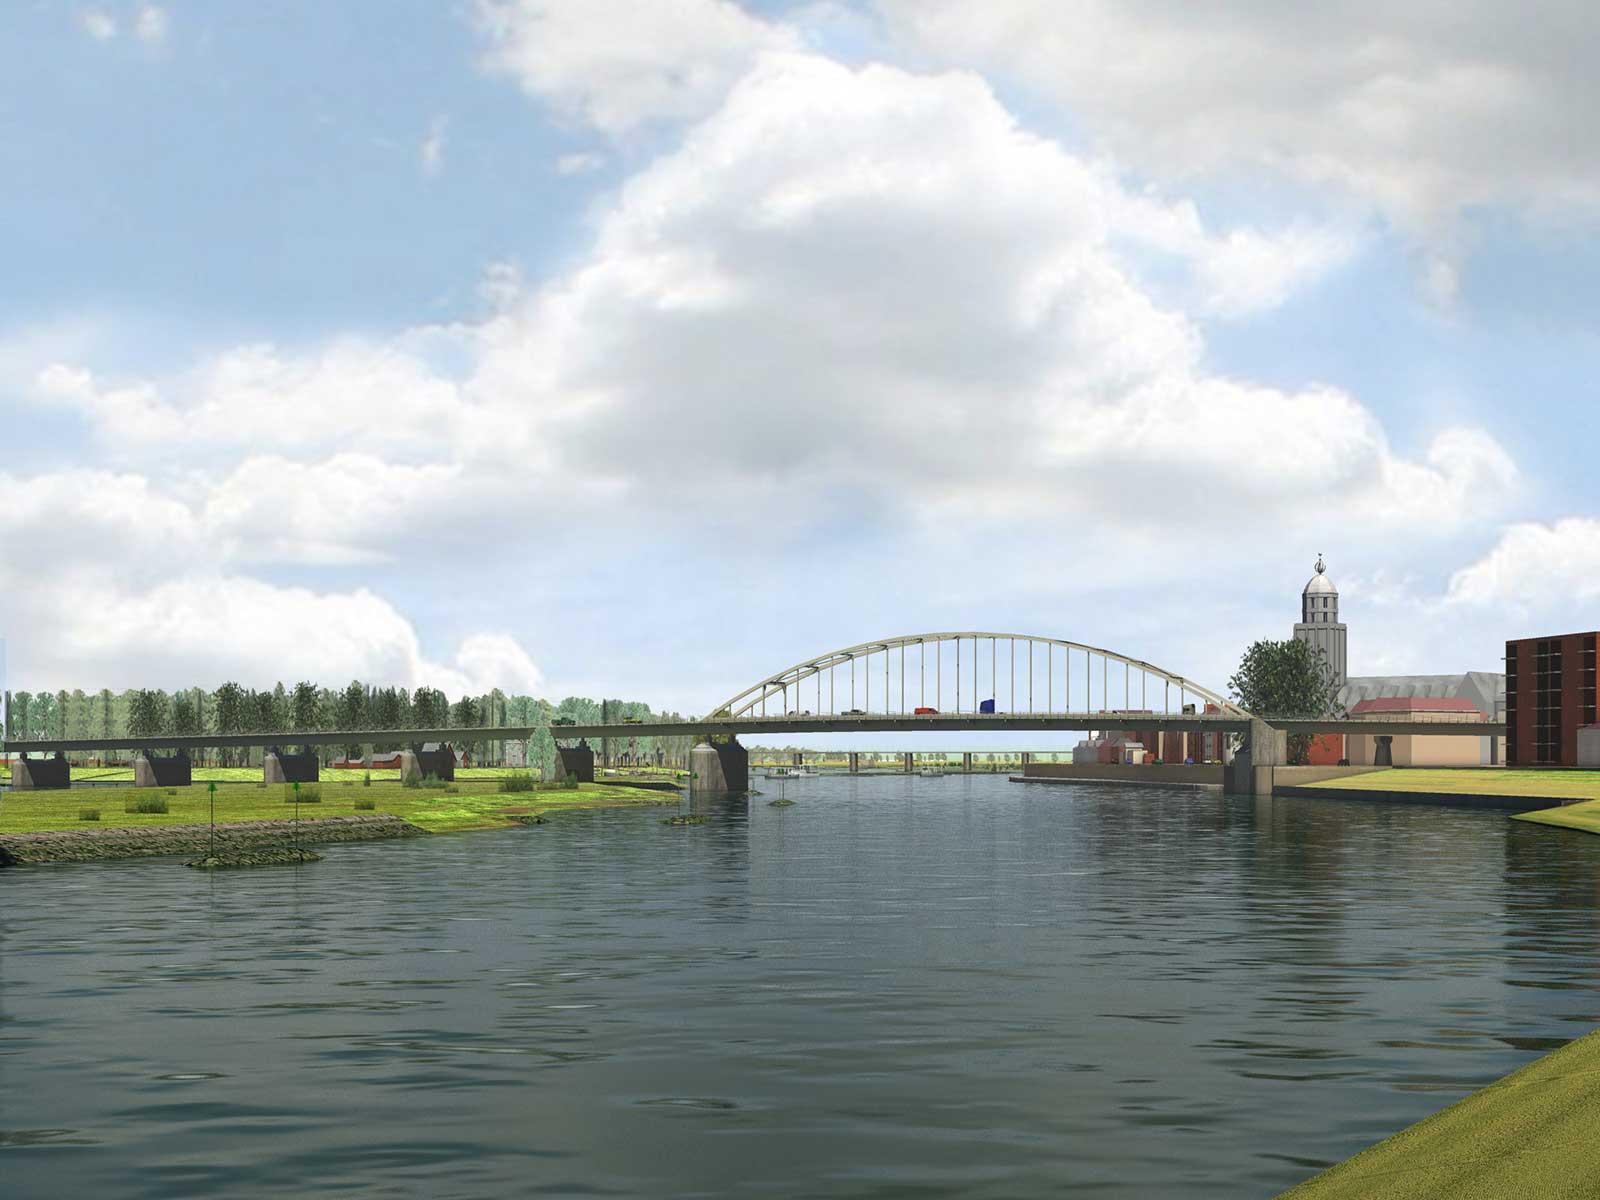 visualisatie van de toekomstige eilandkribben in de IJssel bij Deventer, aangelegd als onderdeel van het Ruimte voor de Rivier-project